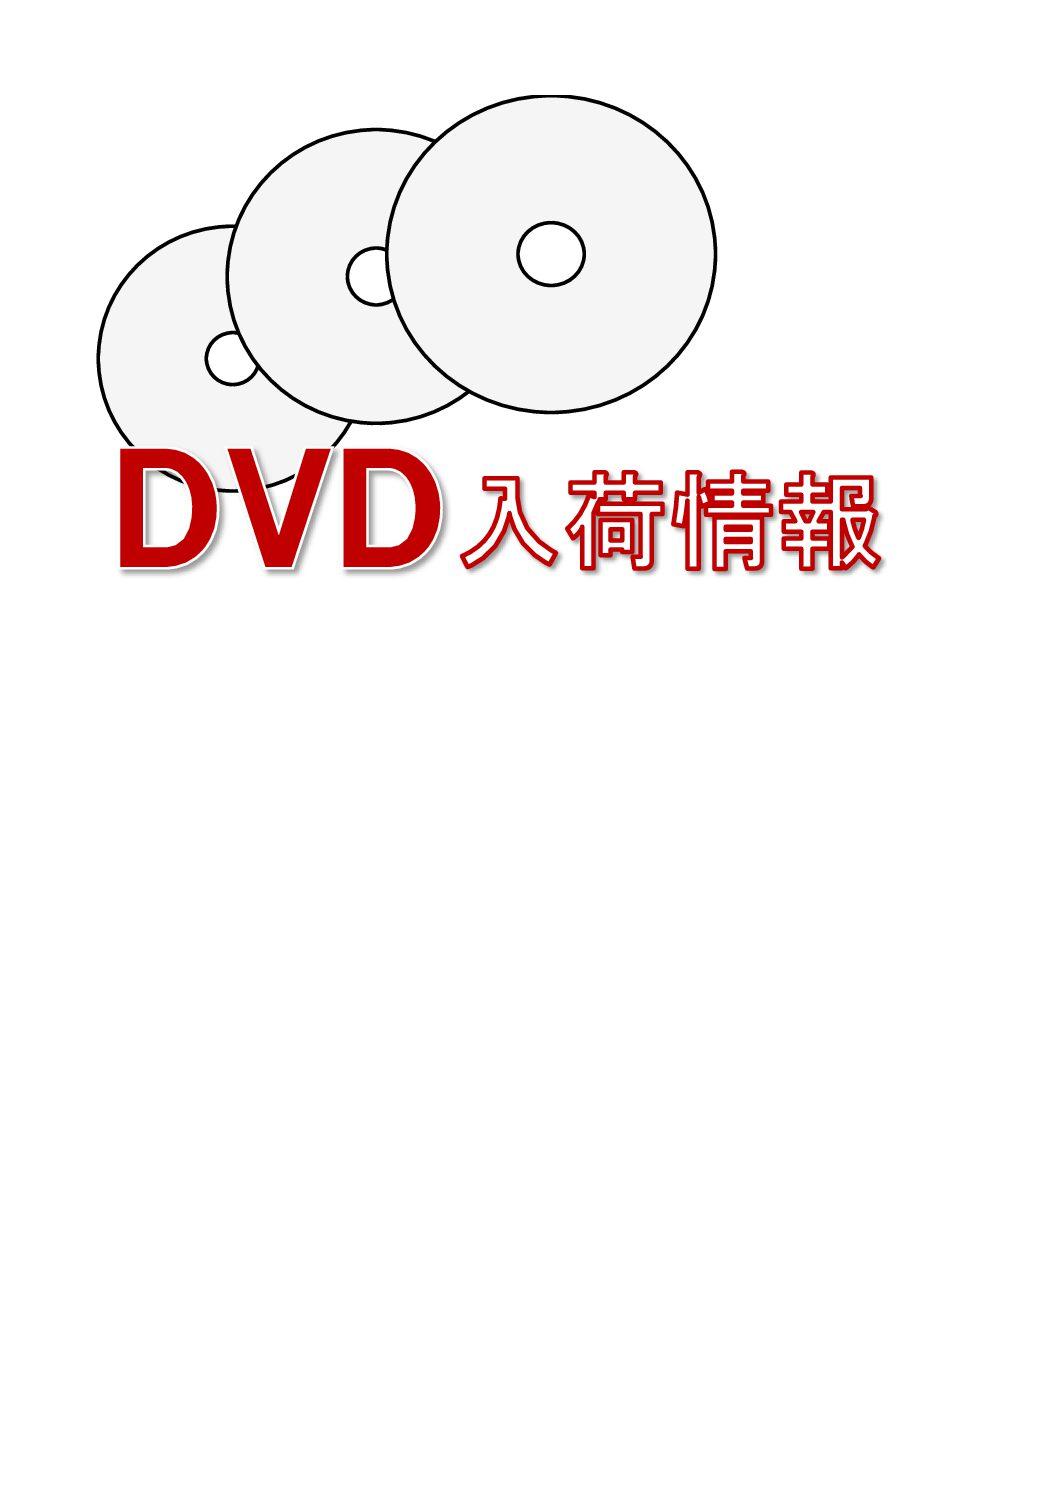 【NEW】アソート レンタル用 中古DVD 一般作【a-29 OHT】